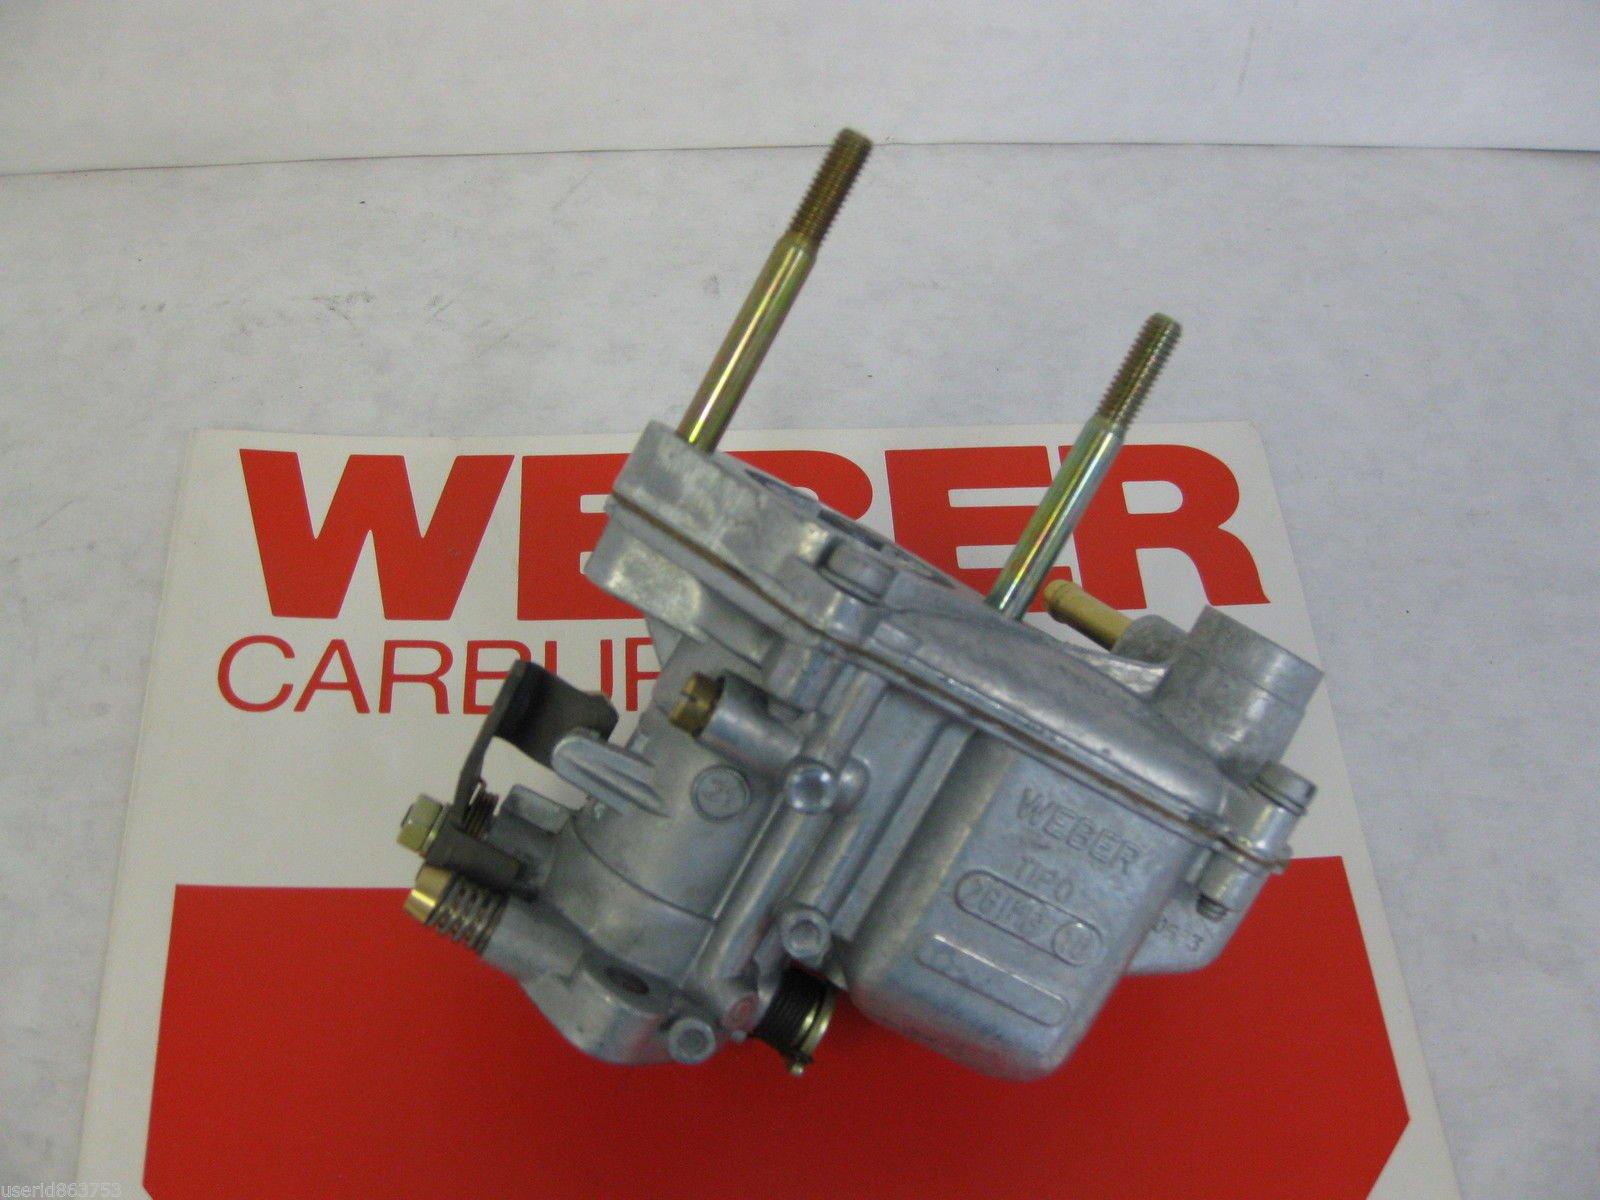 FIAT WEBER 26 IMB CARBURETOR 15210.008 by PMI